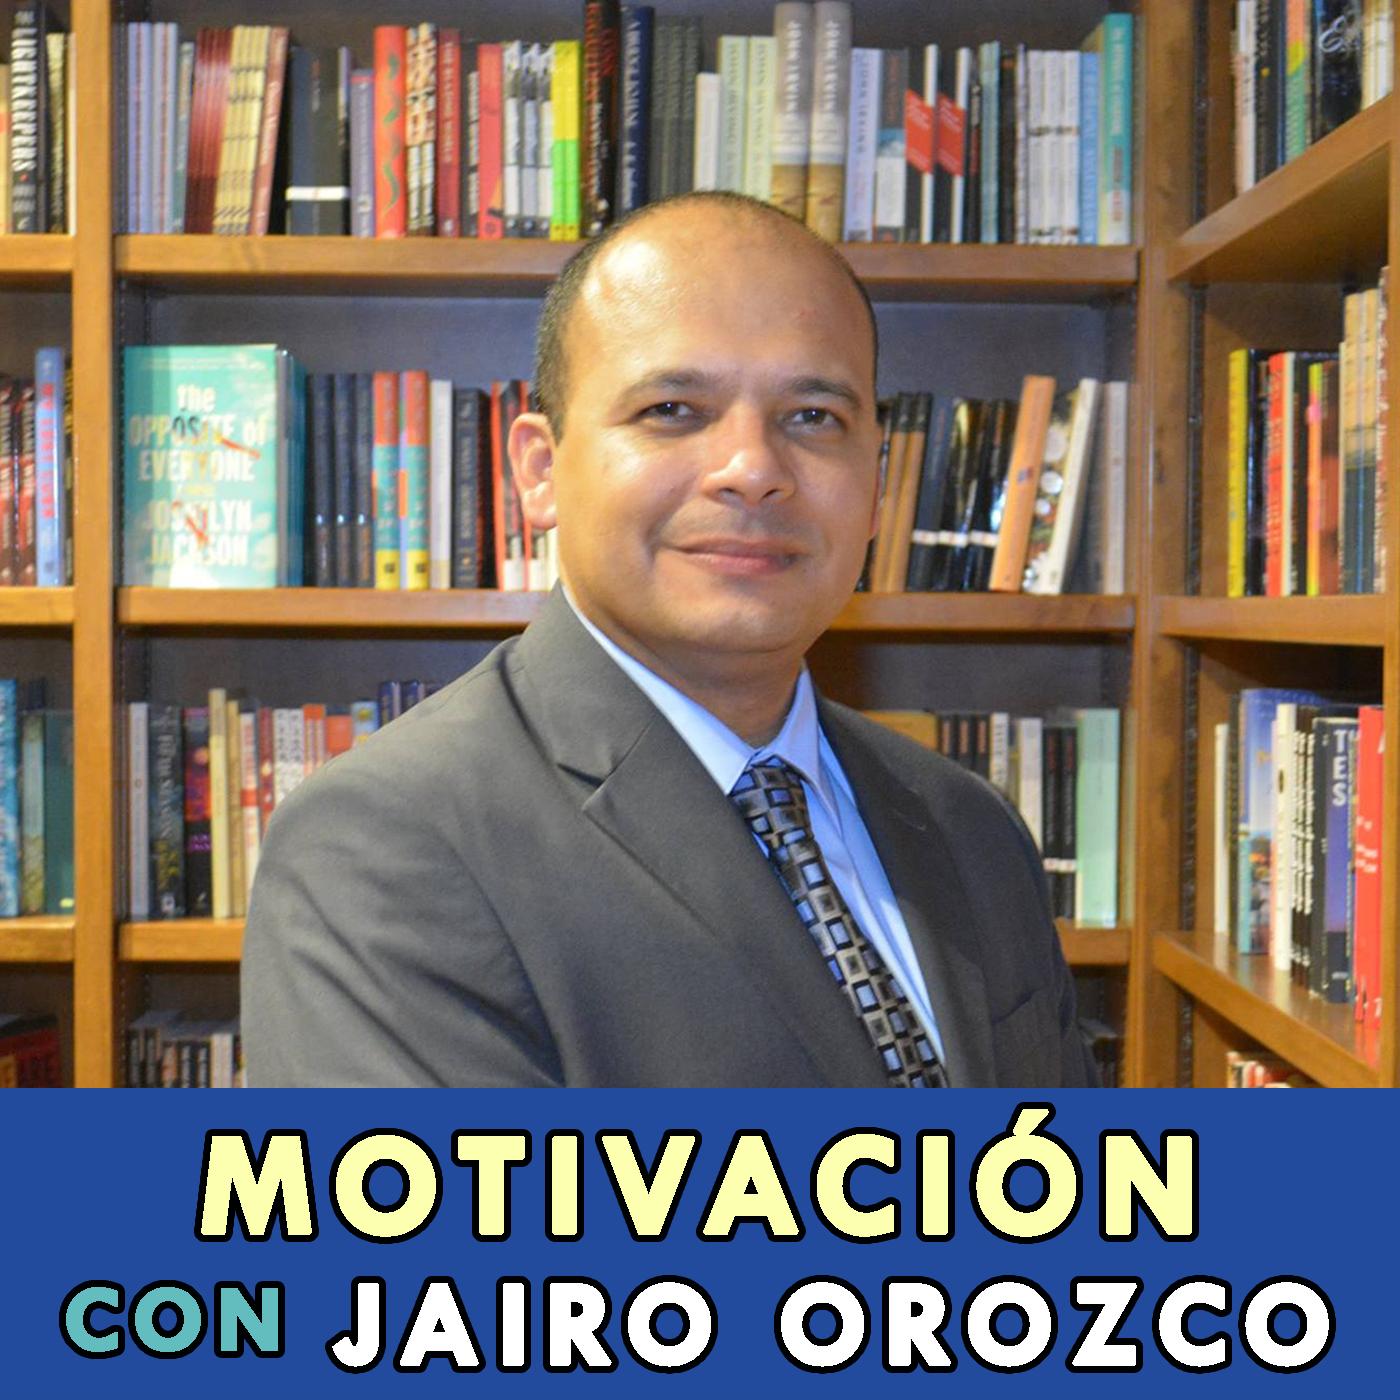 Motivación con Jairo Orozco   Autoayuda, Desarrollo Personal y Éxito